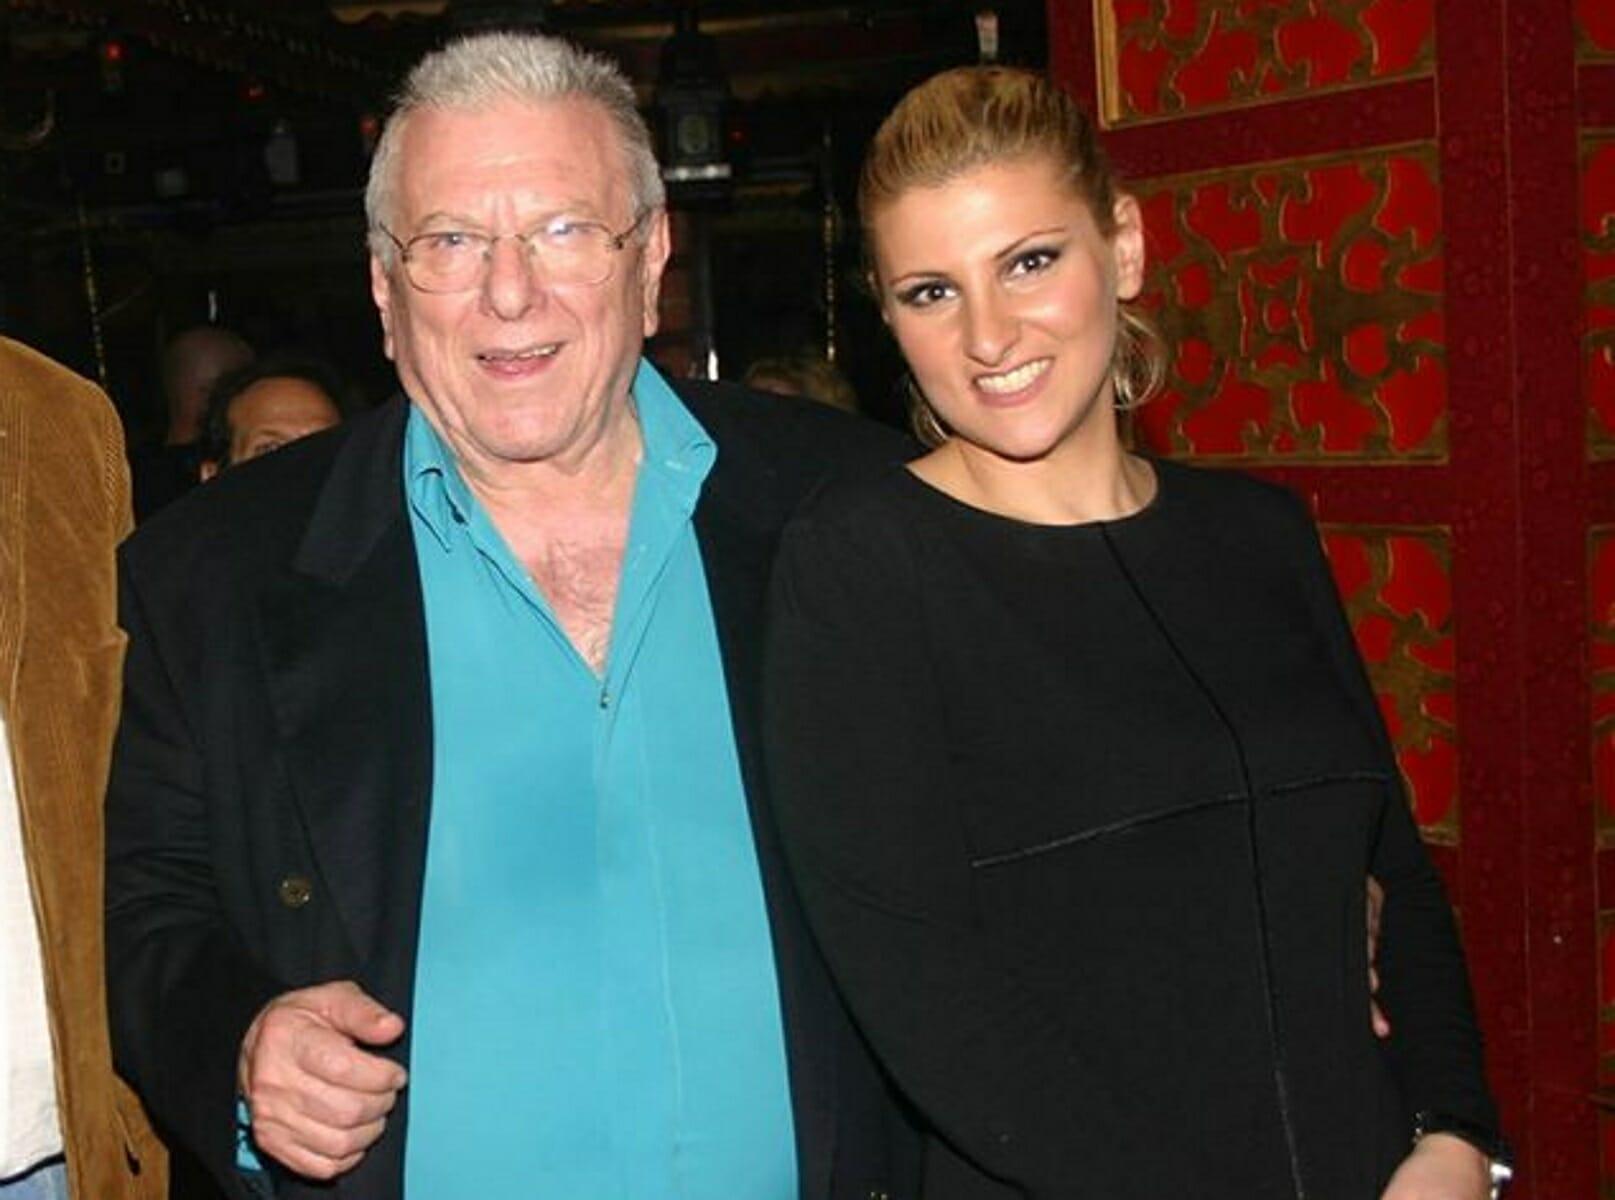 Κώστας Βουτσάς: Η κόρη του, Θεοδώρα ετοιμάζει ντοκιμαντέρ με τις τελευταίες του μέρες στην εντατική